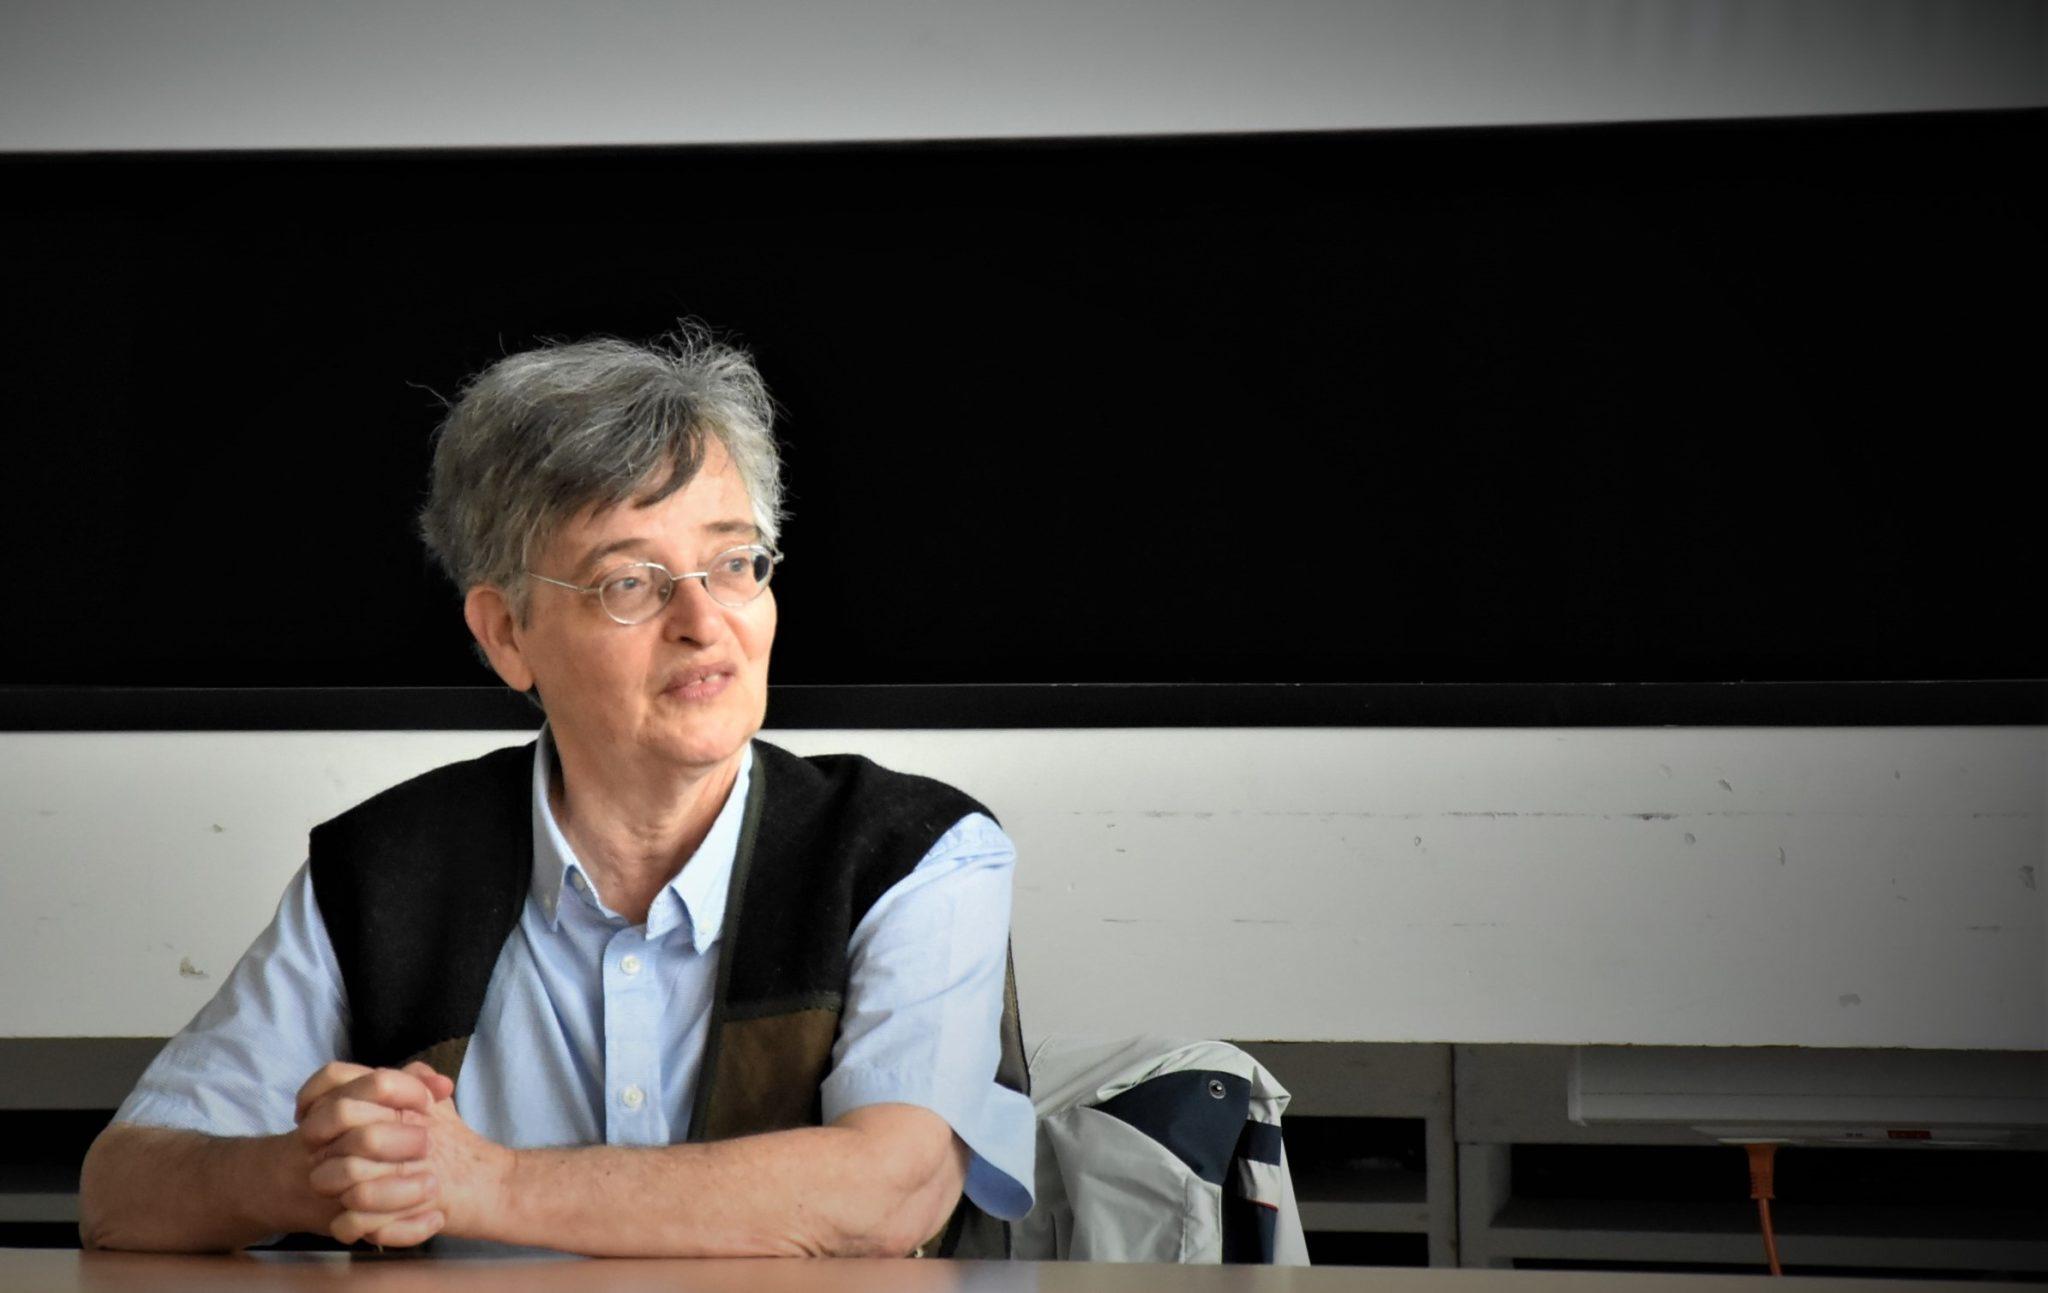 Vera Meyer spricht zur jüdischen Geschichte